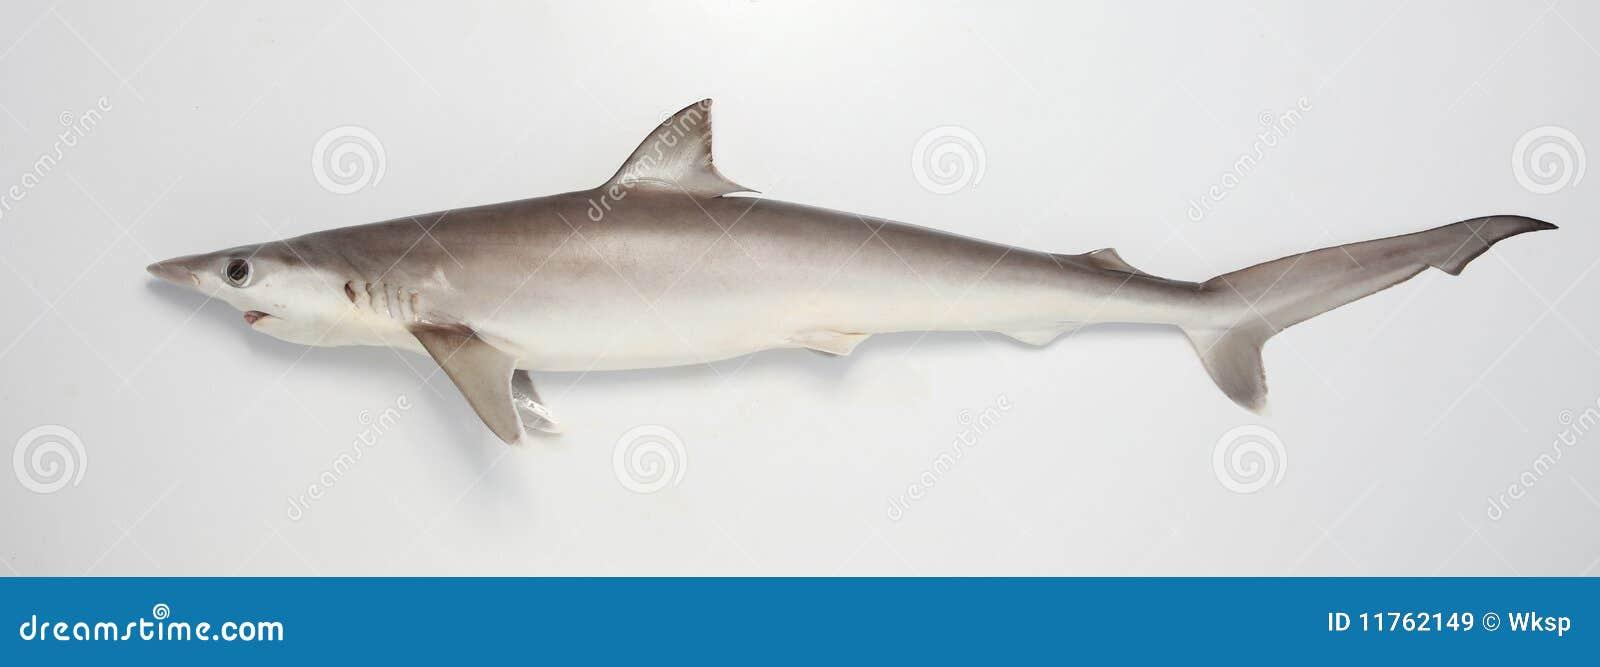 Haifisch auf dem Prowl